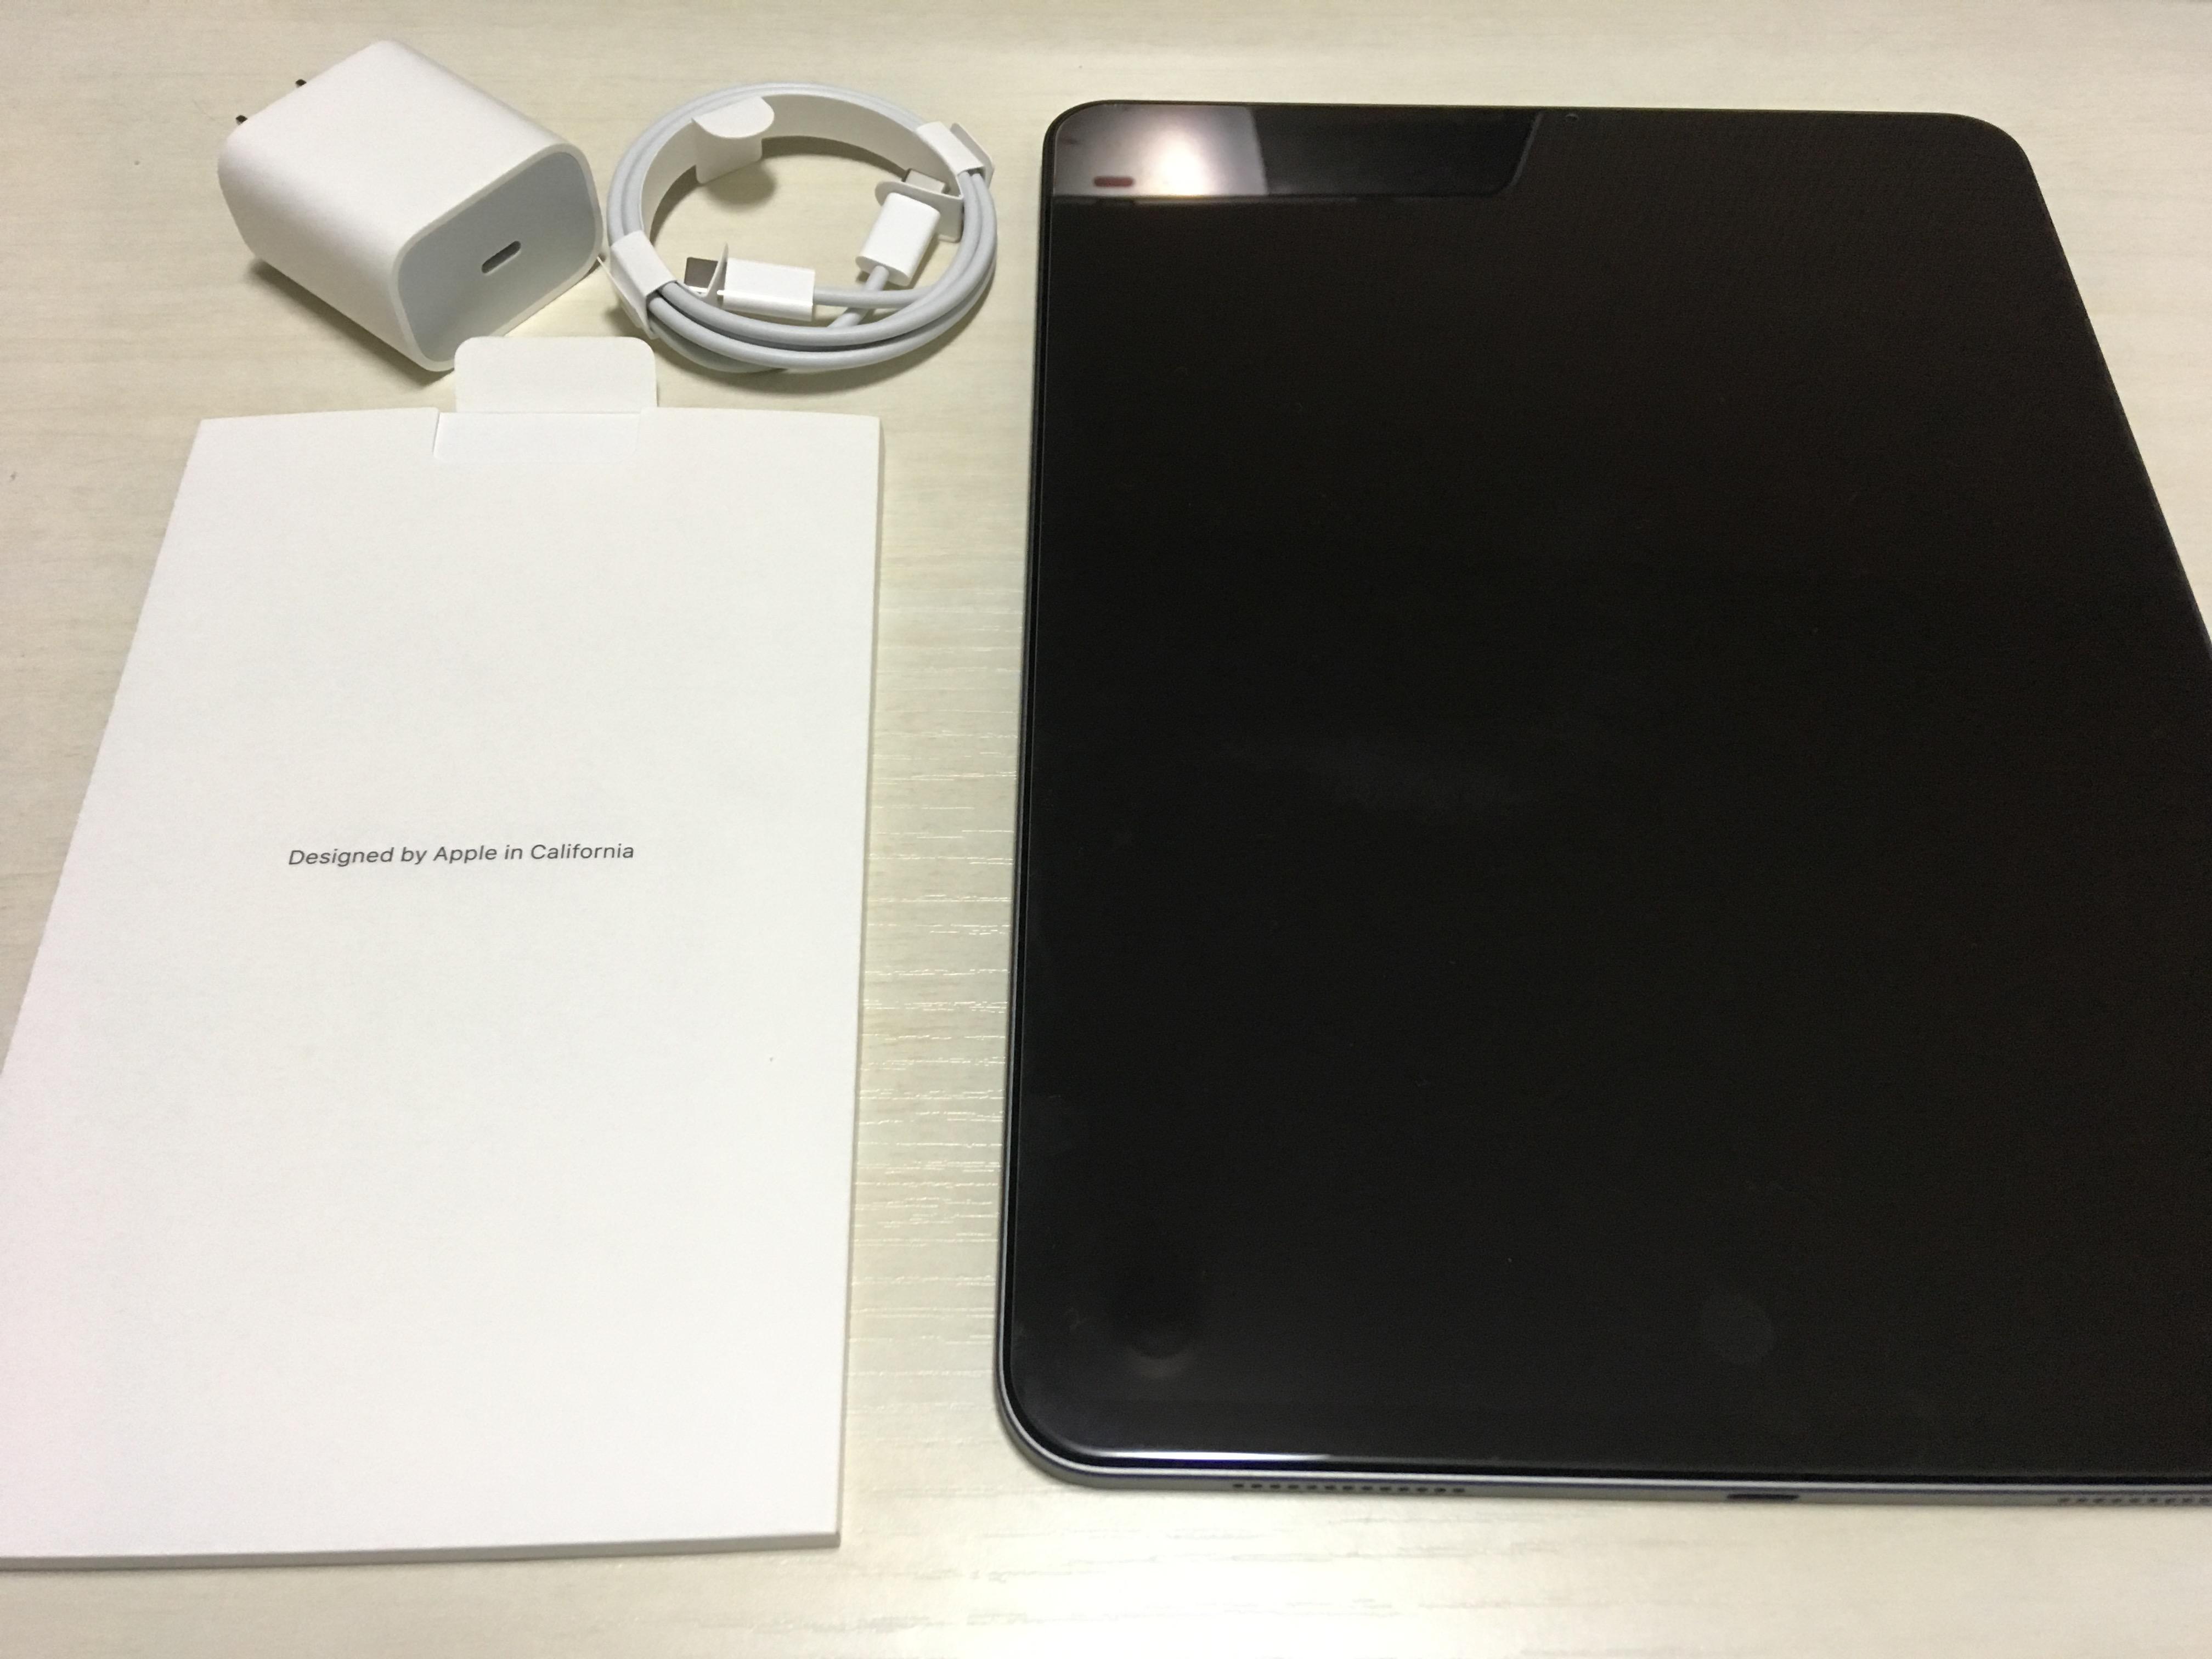 新型iPad Pro(11インチ)を冷蔵庫に貼ったり周辺アクセサリを買った話